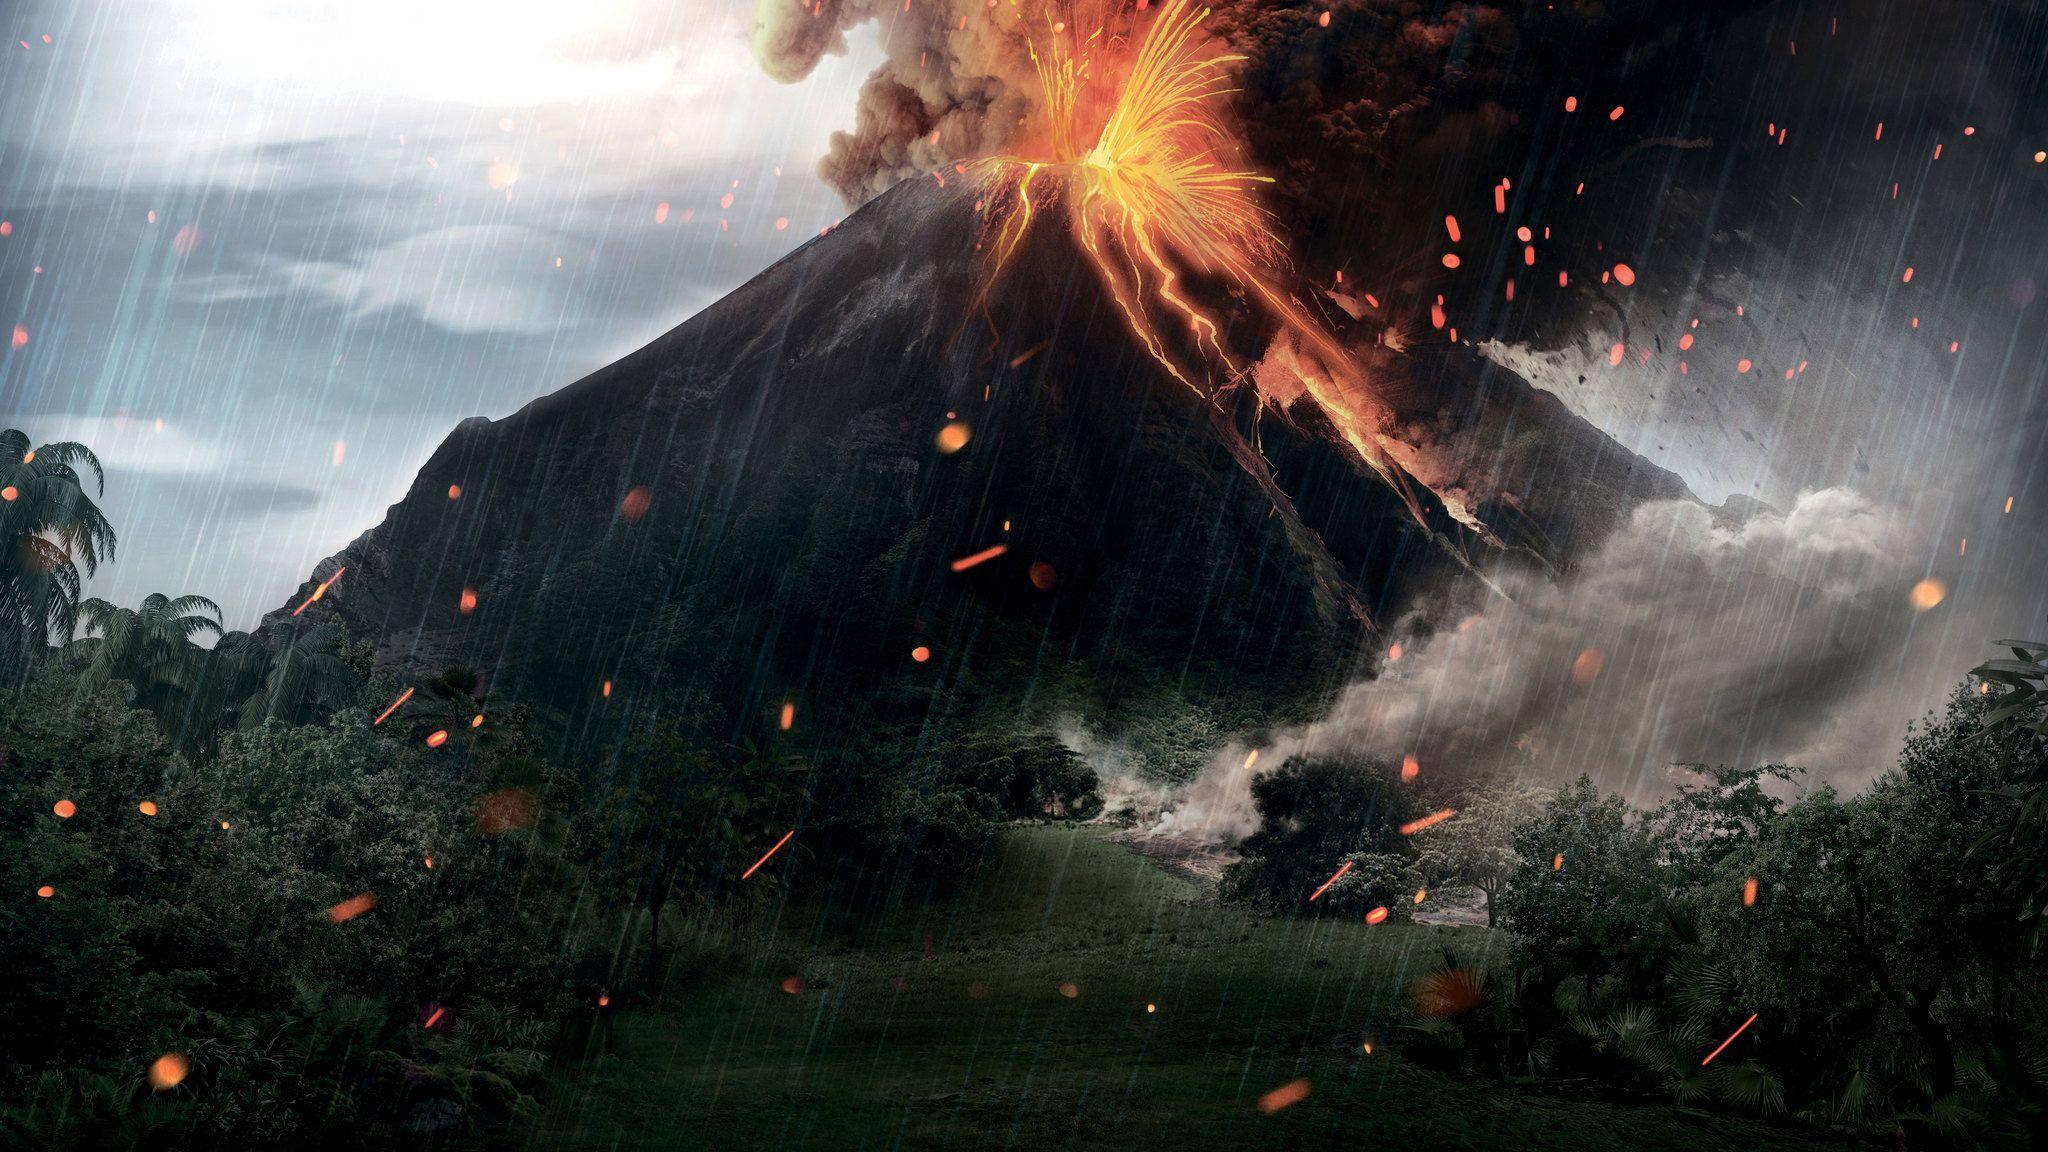 2048x1152 Jurassic World Fallen Kingdom 12k 2048x1152 Độ phân giải HD